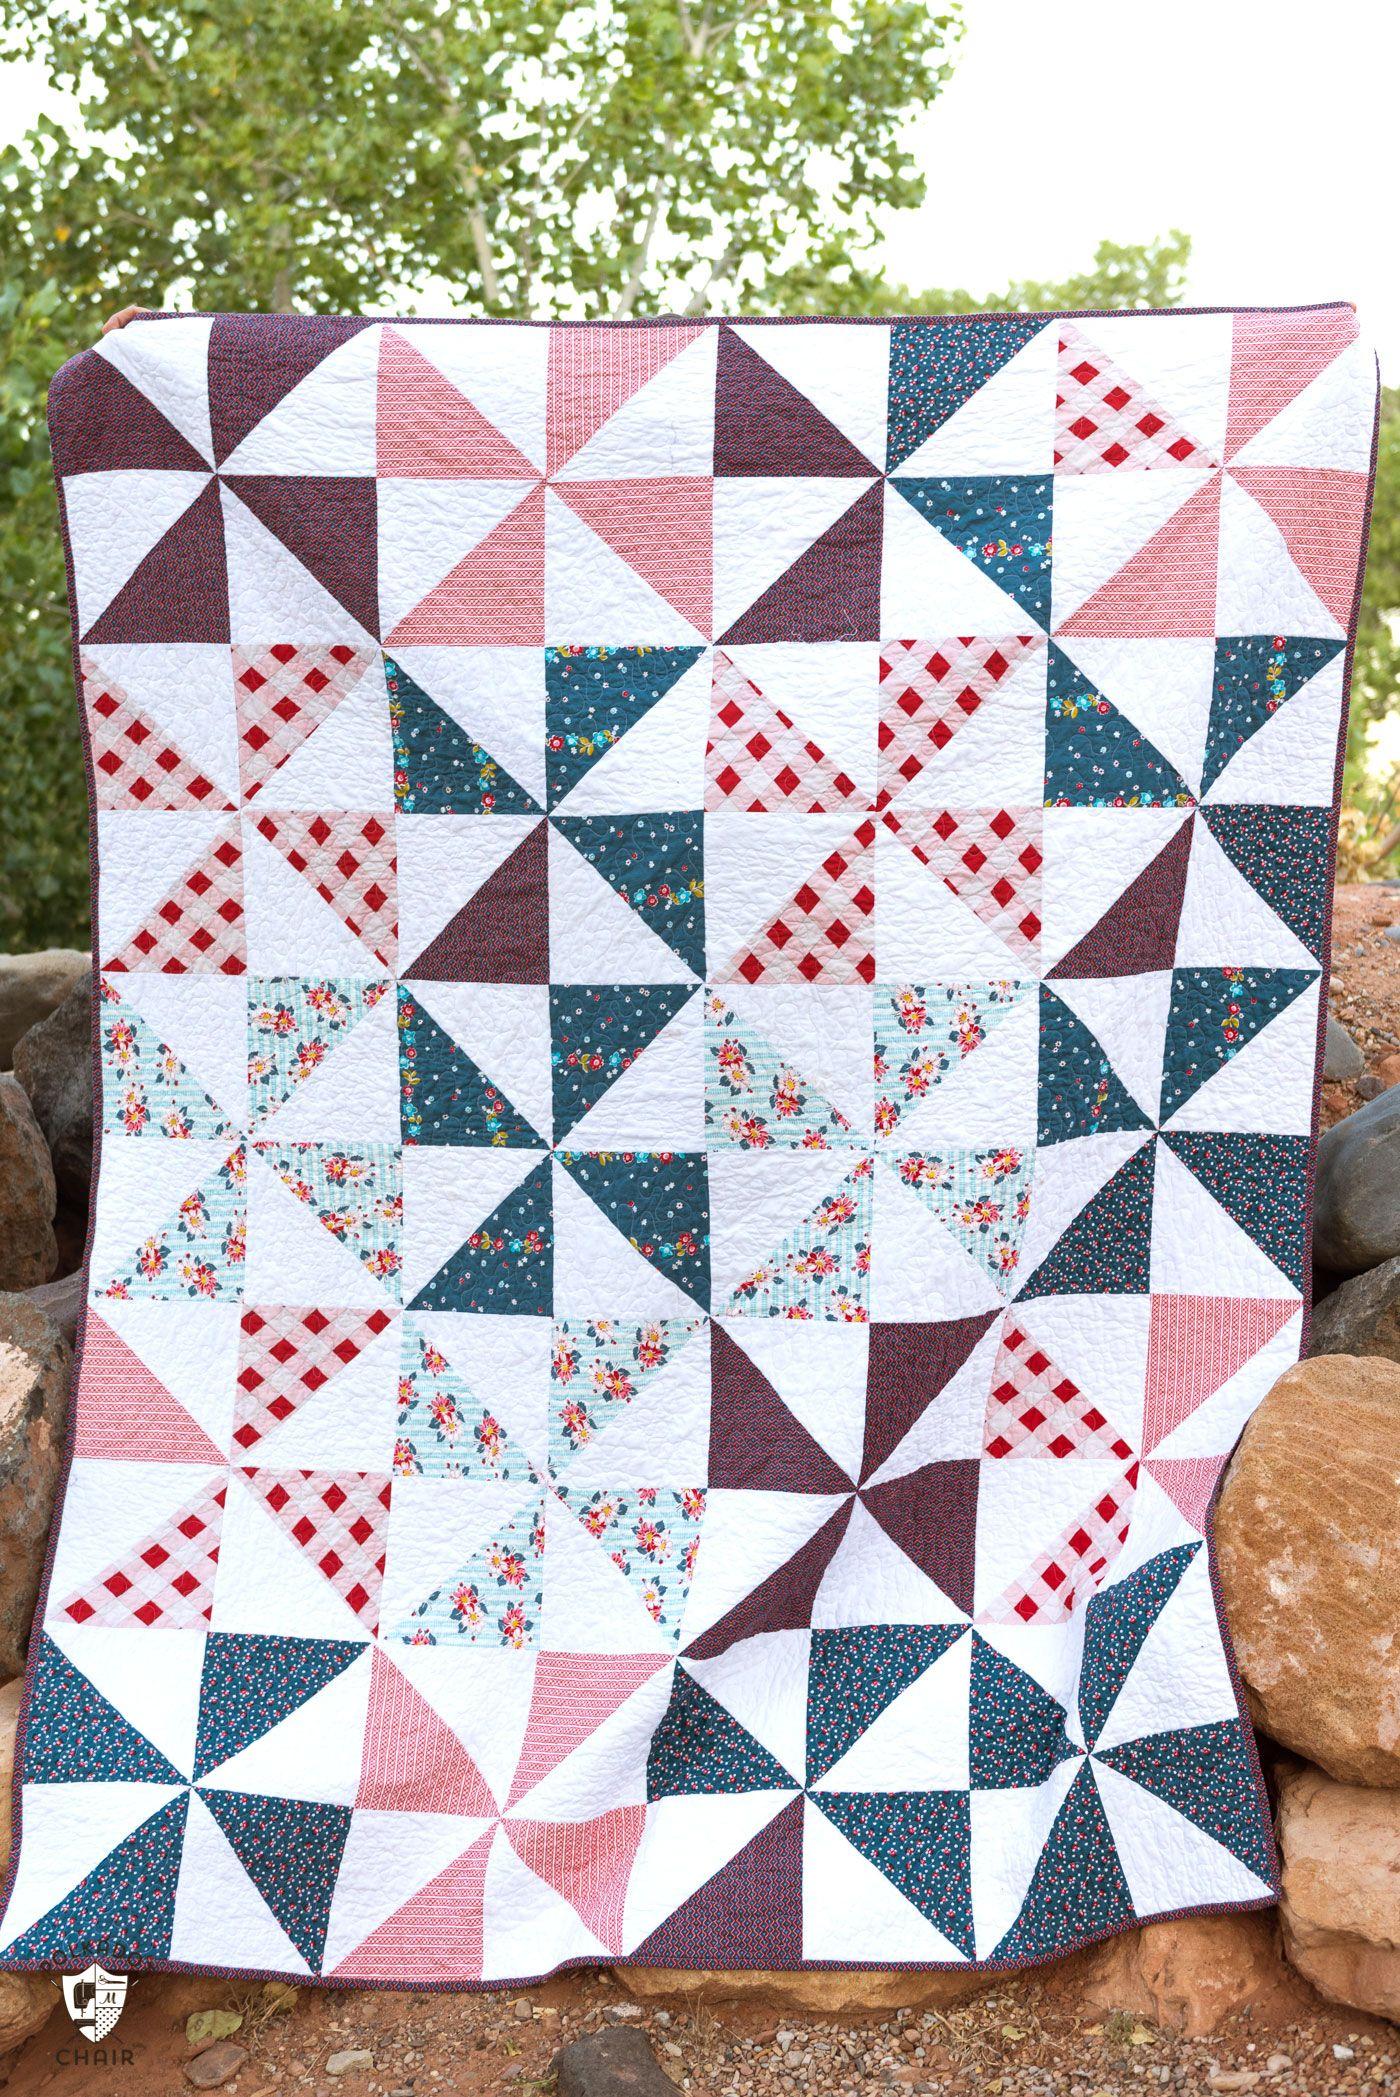 Summer Pinwheel Quilt Beginner Sewing Projects Easy Quilting For Beginners Pinwheel Quilt